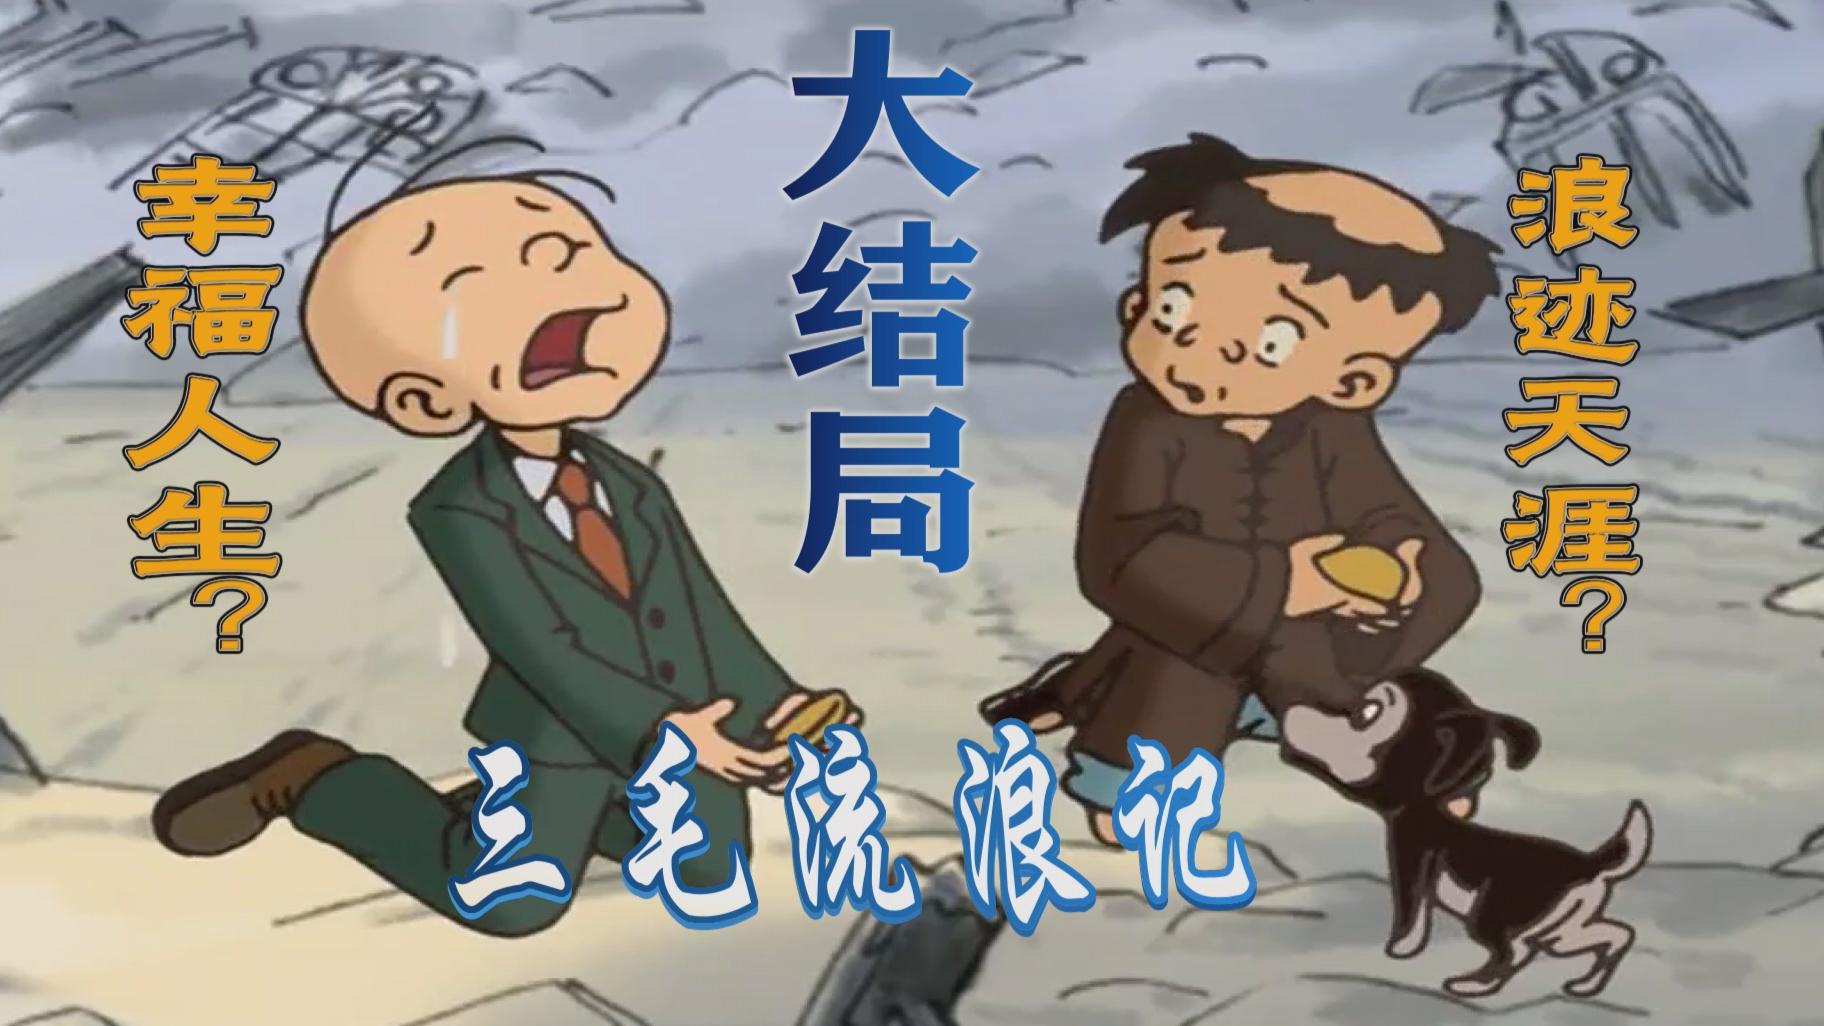 超经典童年神作:三毛流浪记(终)